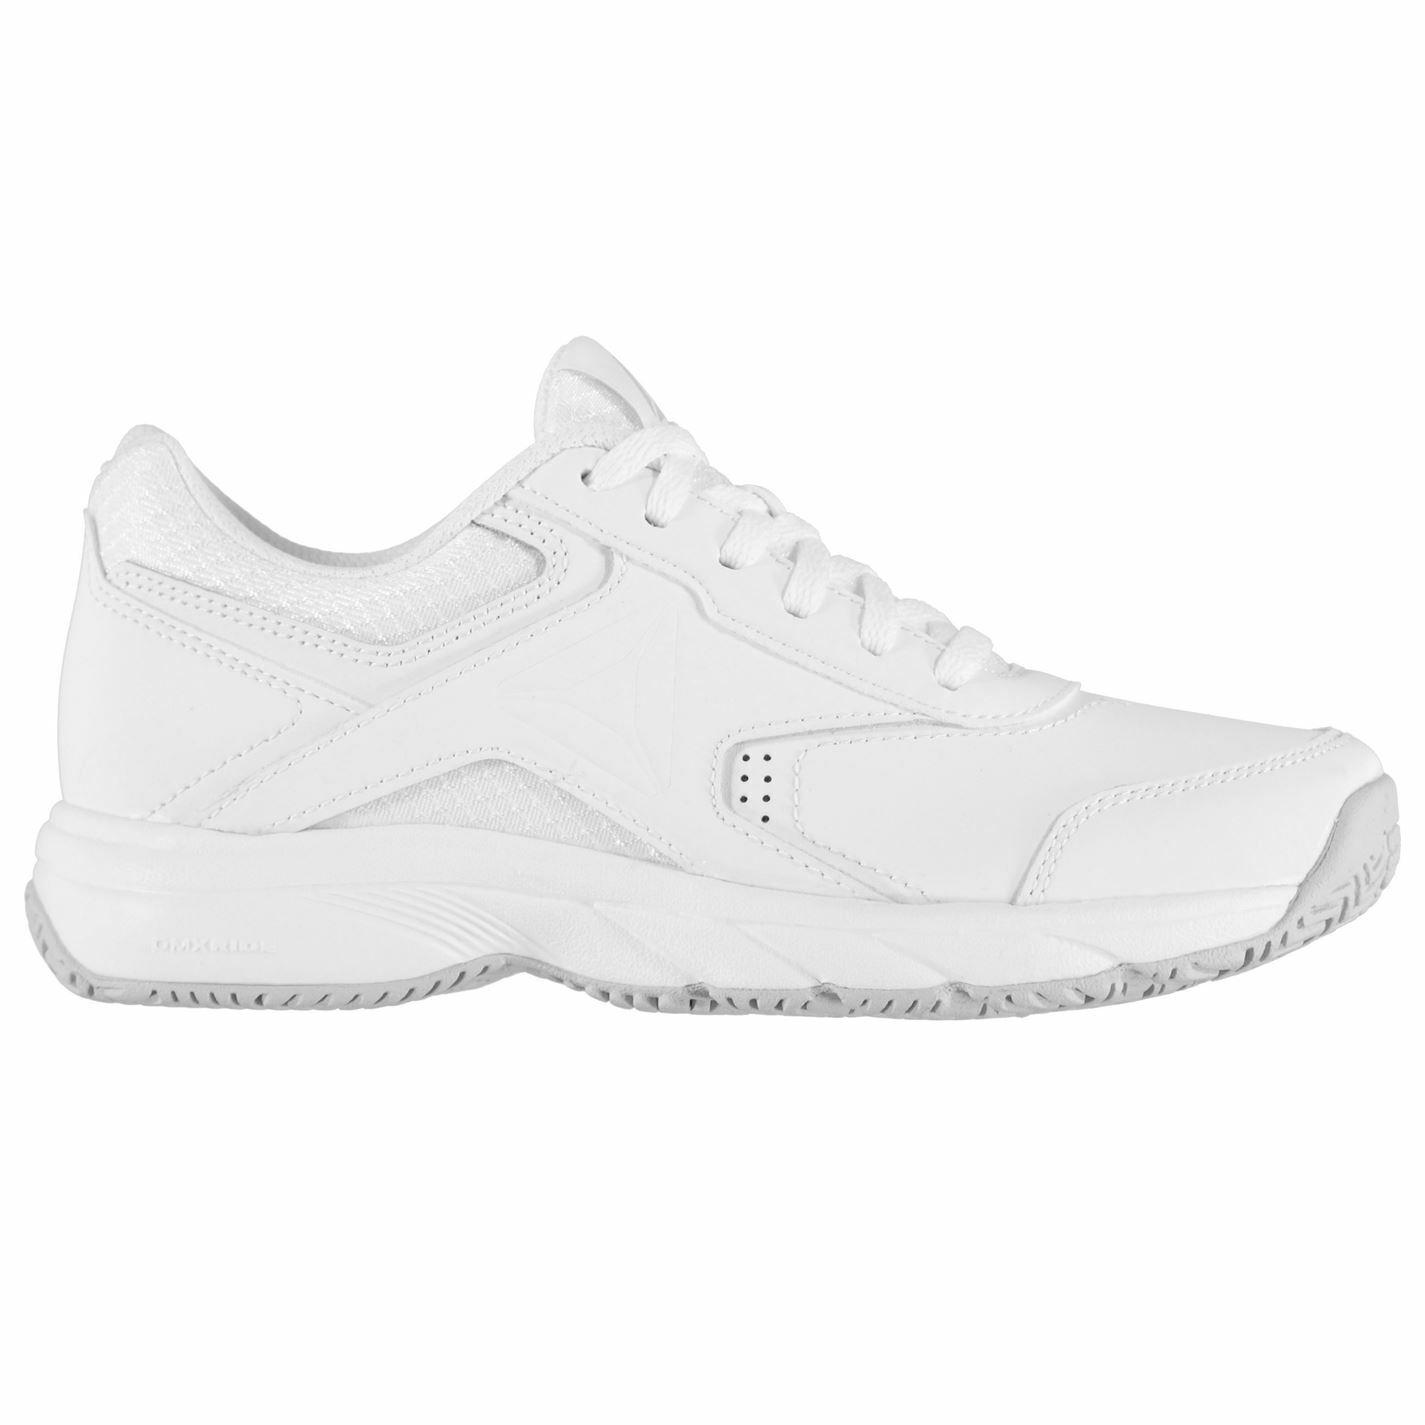 Reebok Womens Work N Cushion 3.0 Trainers Training shoes Lace Up Herringbone